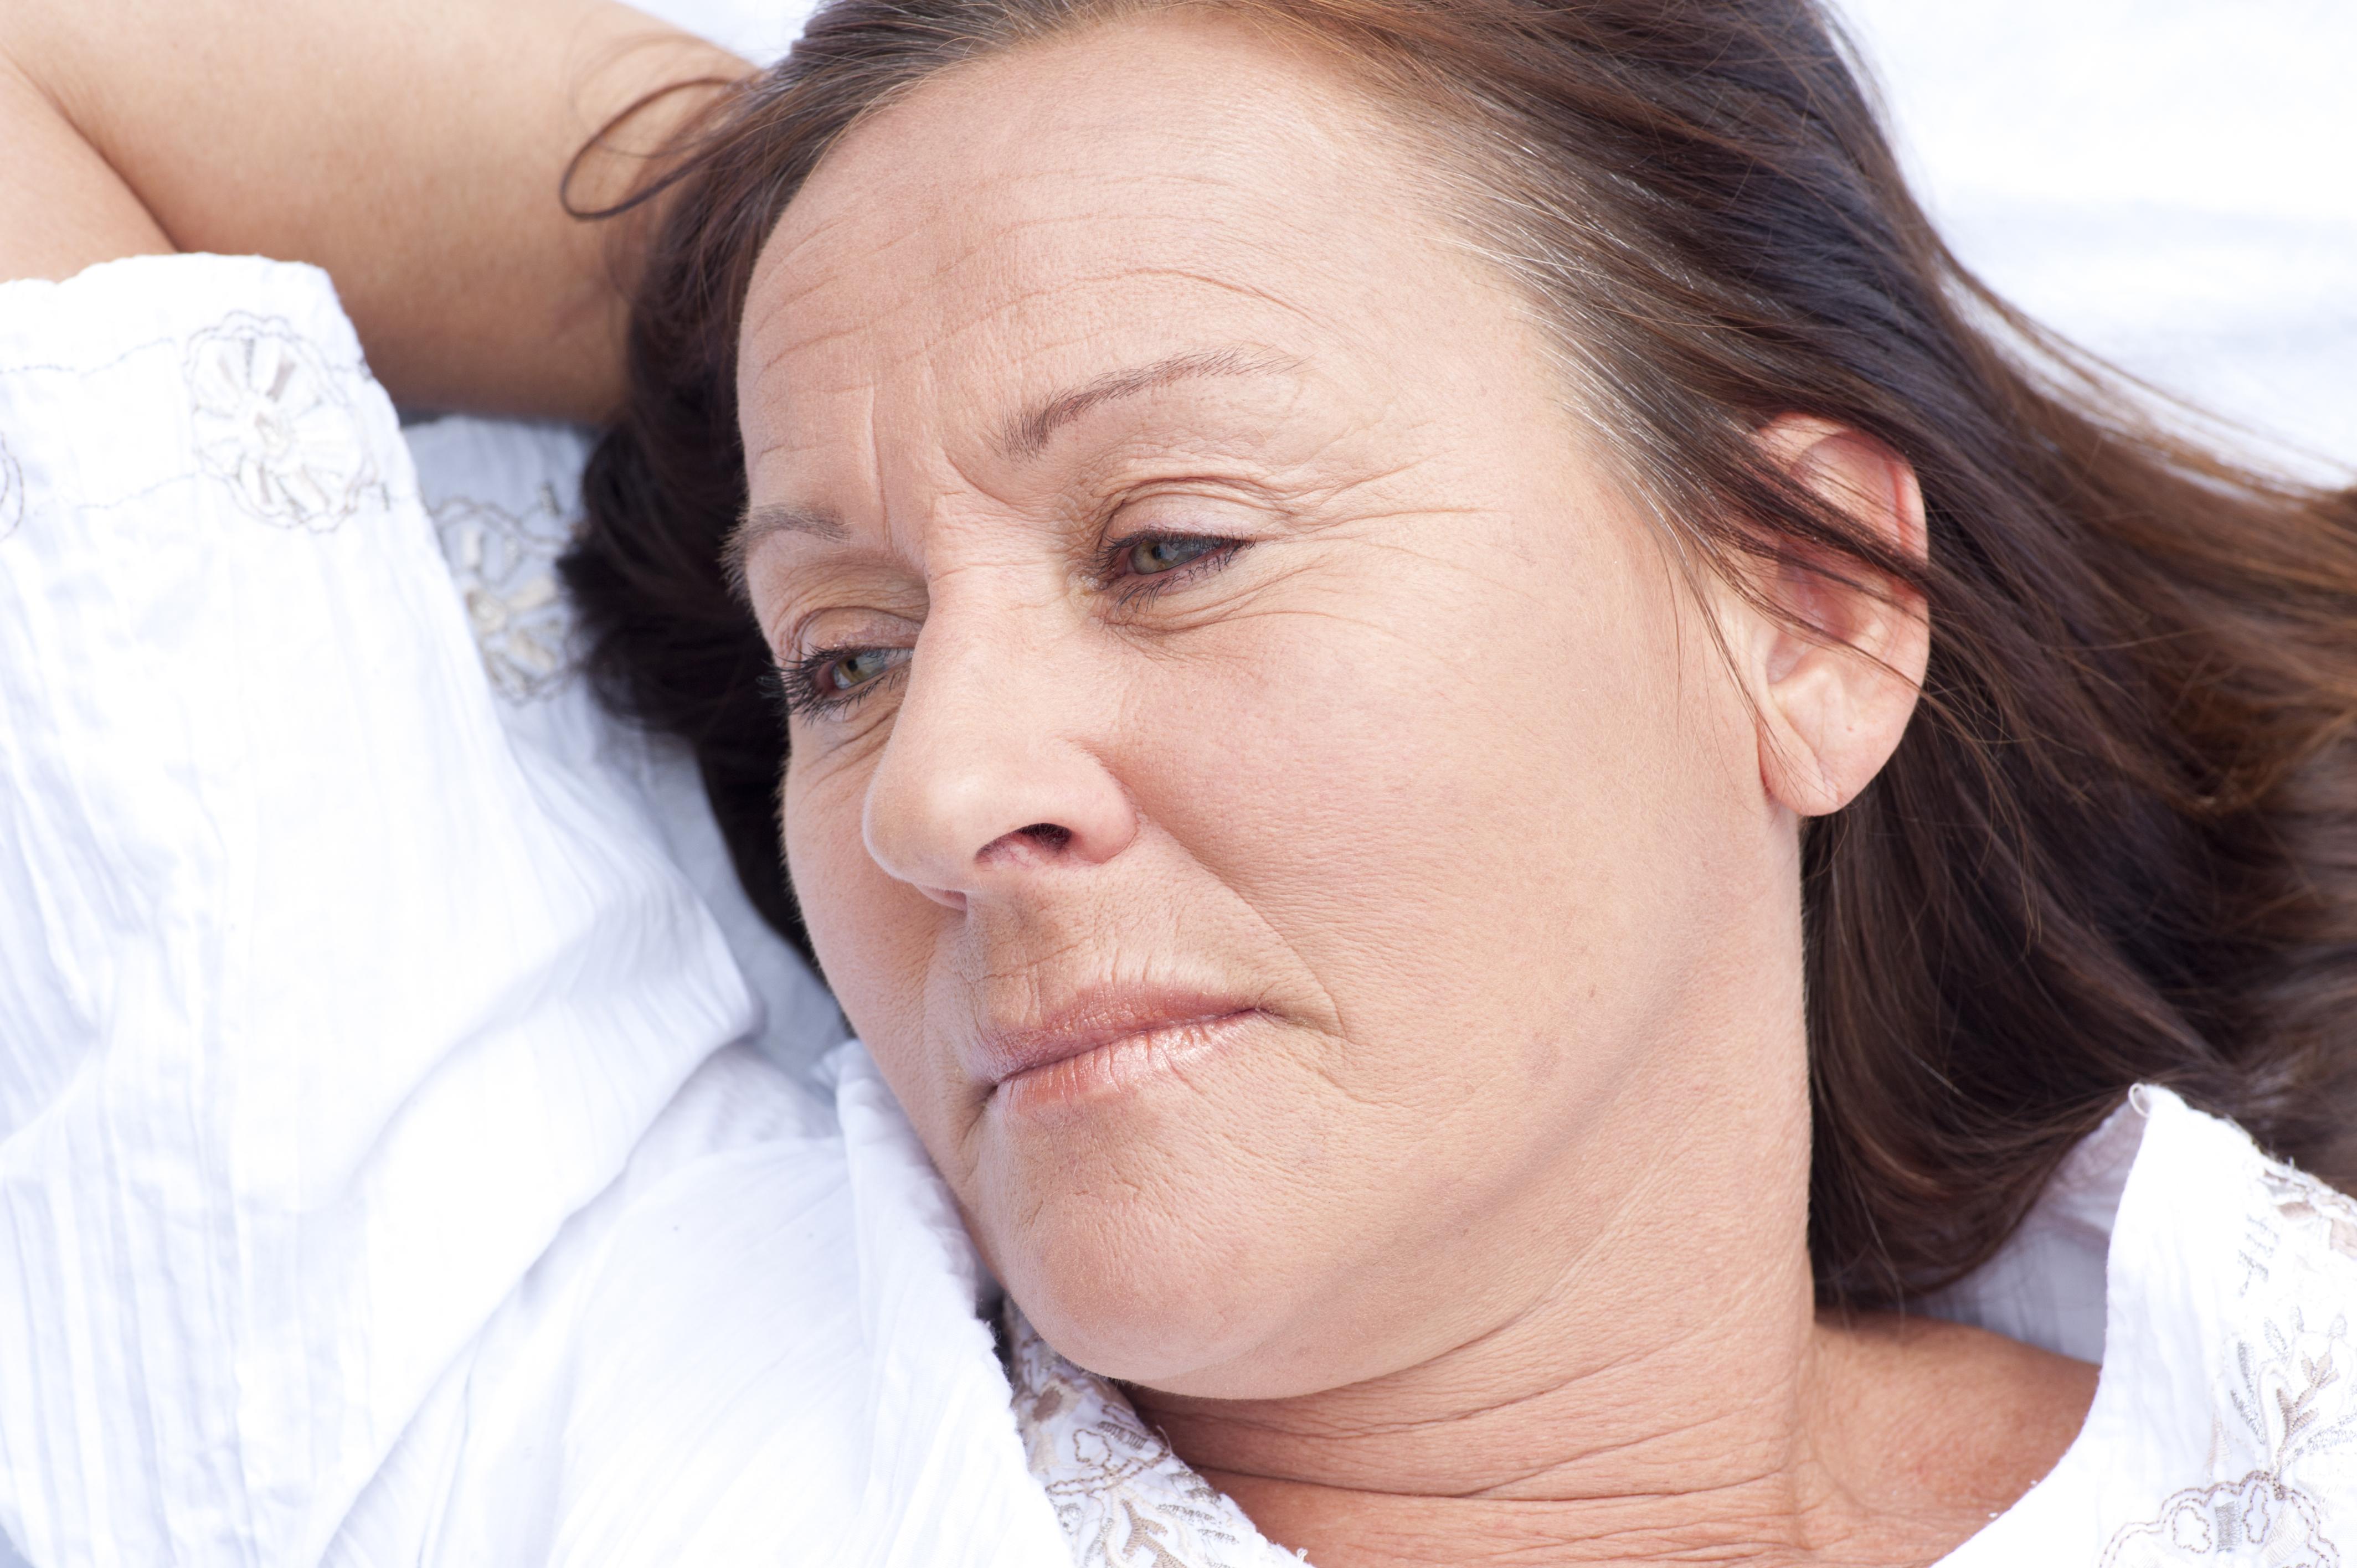 Obehandlad sömnapné kan förknippas med många allvarliga följdsjukdomar.